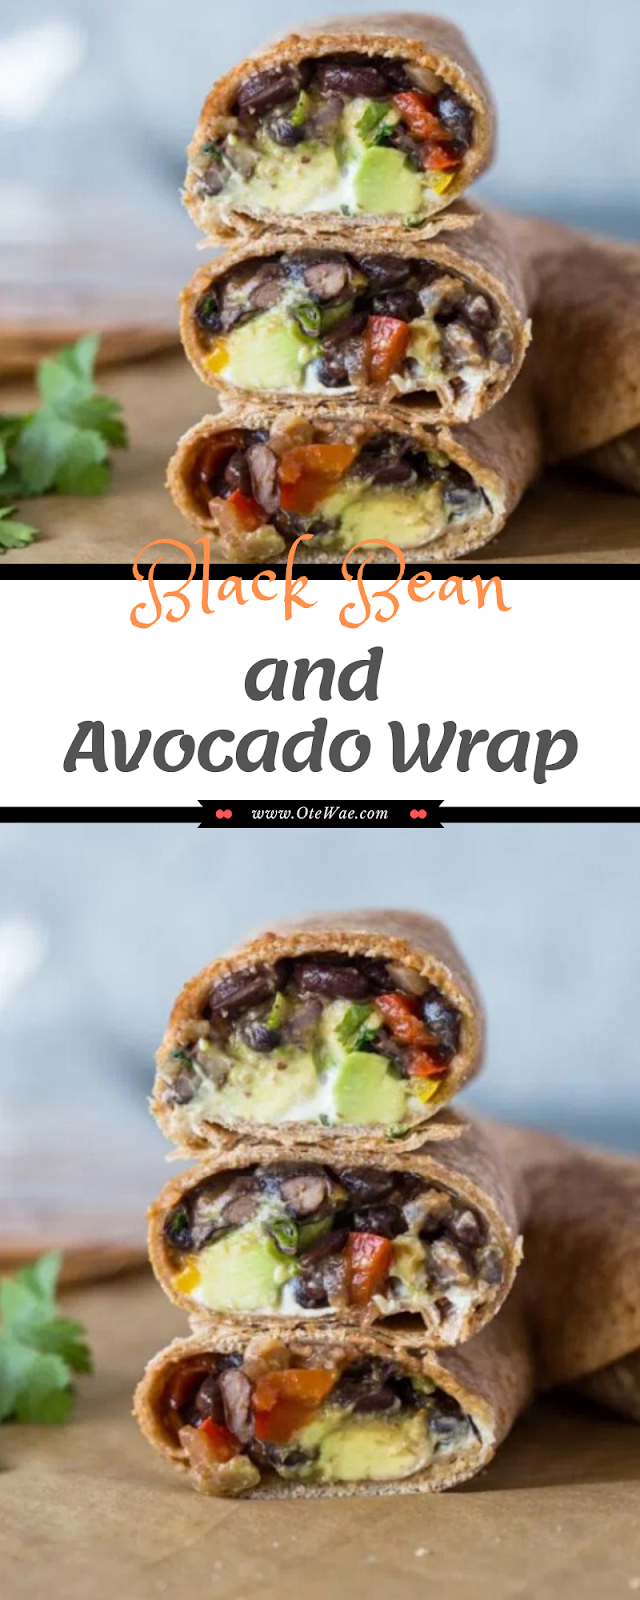 Black Bean and Avocado Wrap